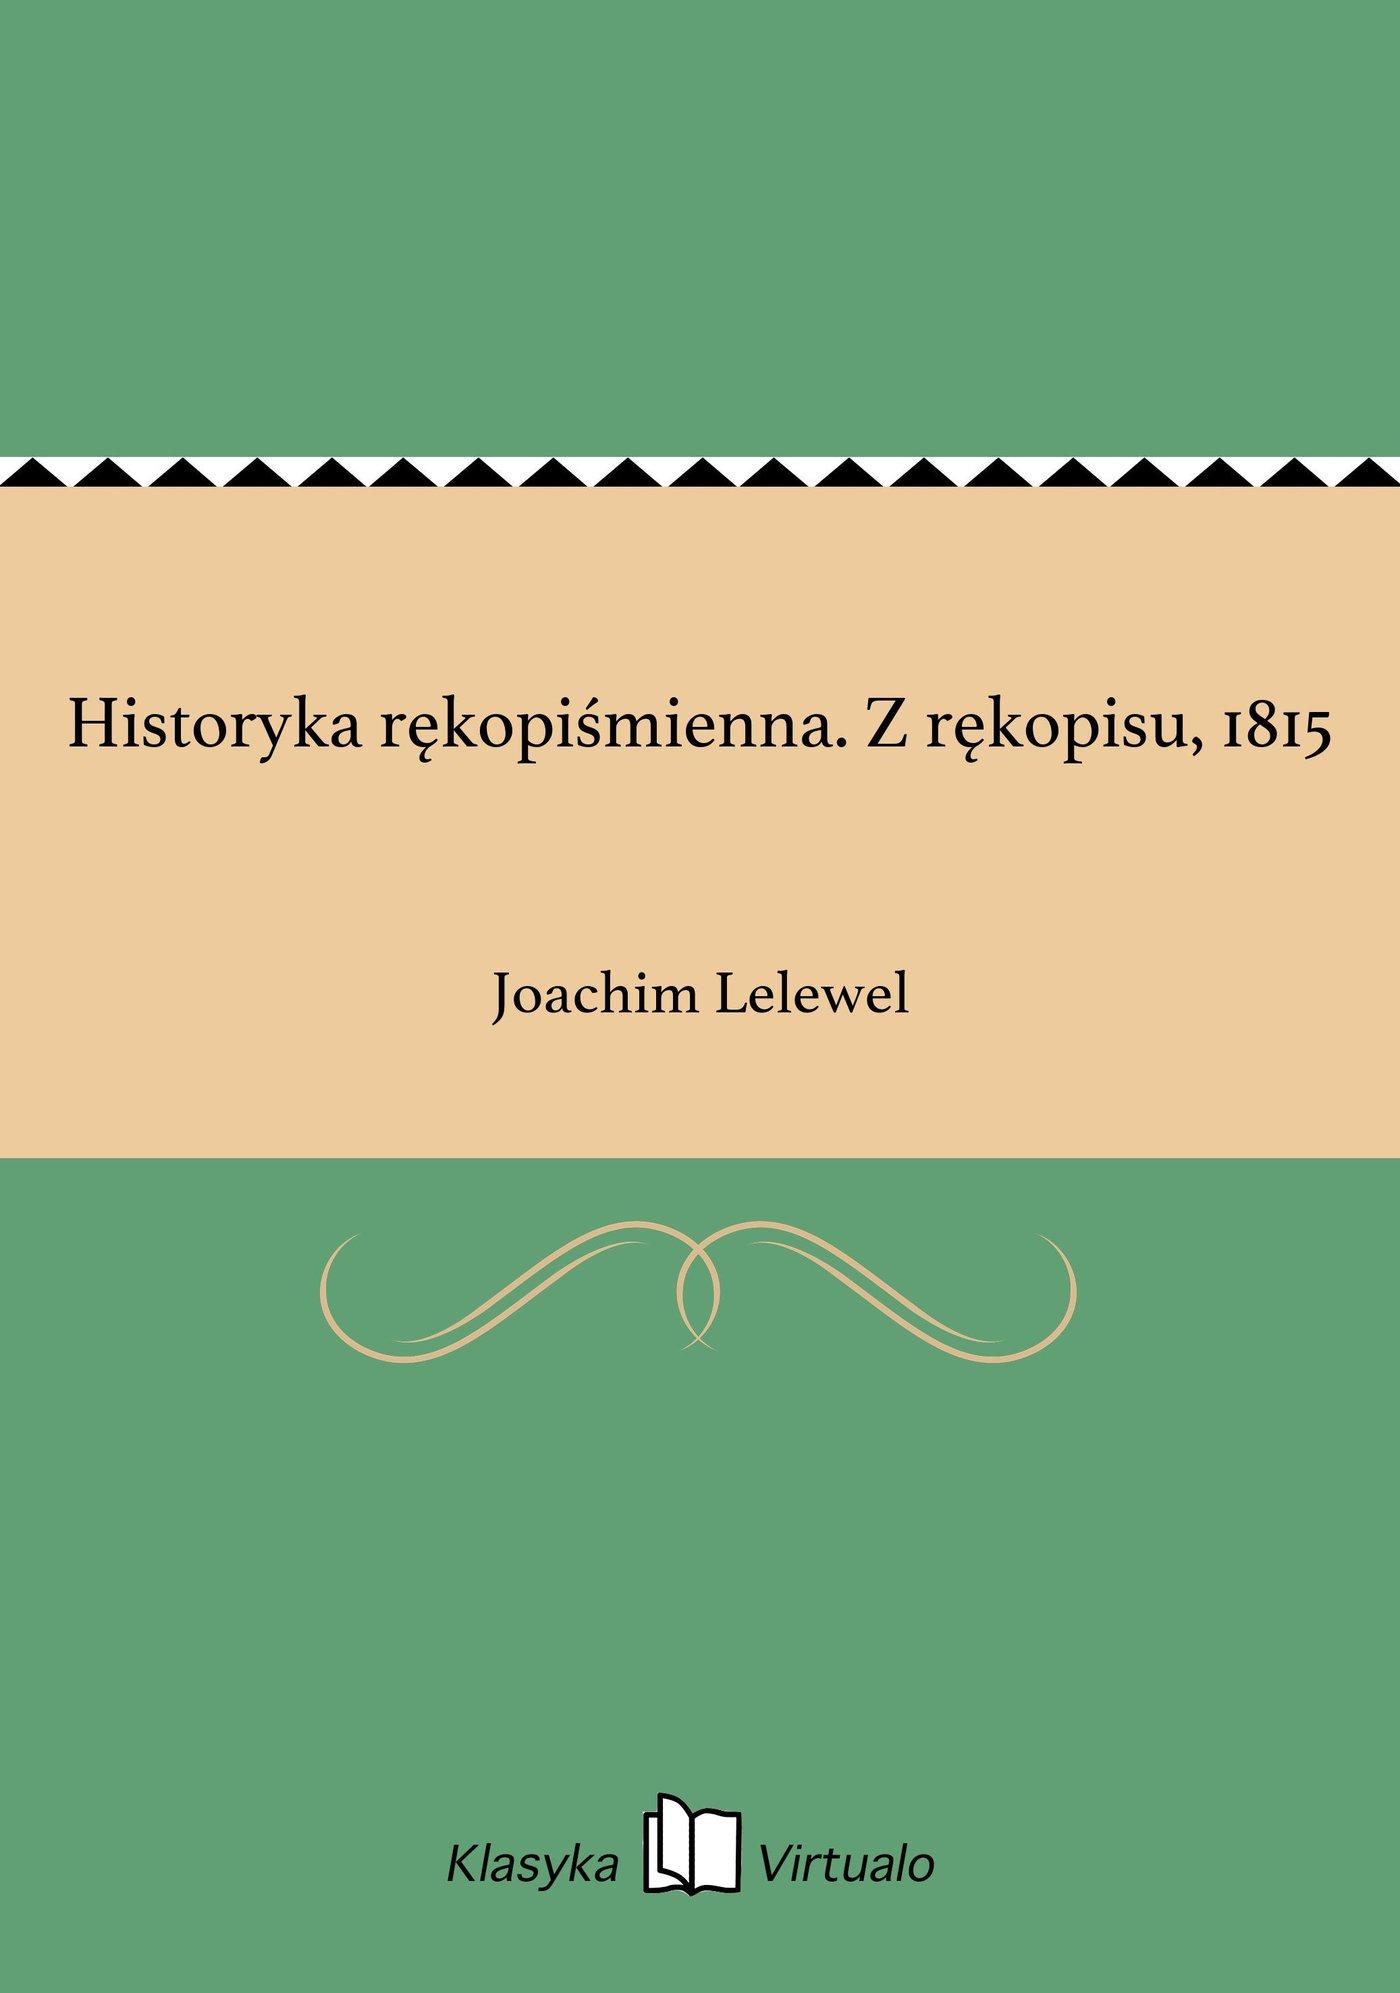 Historyka rękopiśmienna. Z rękopisu, 1815 - Ebook (Książka EPUB) do pobrania w formacie EPUB